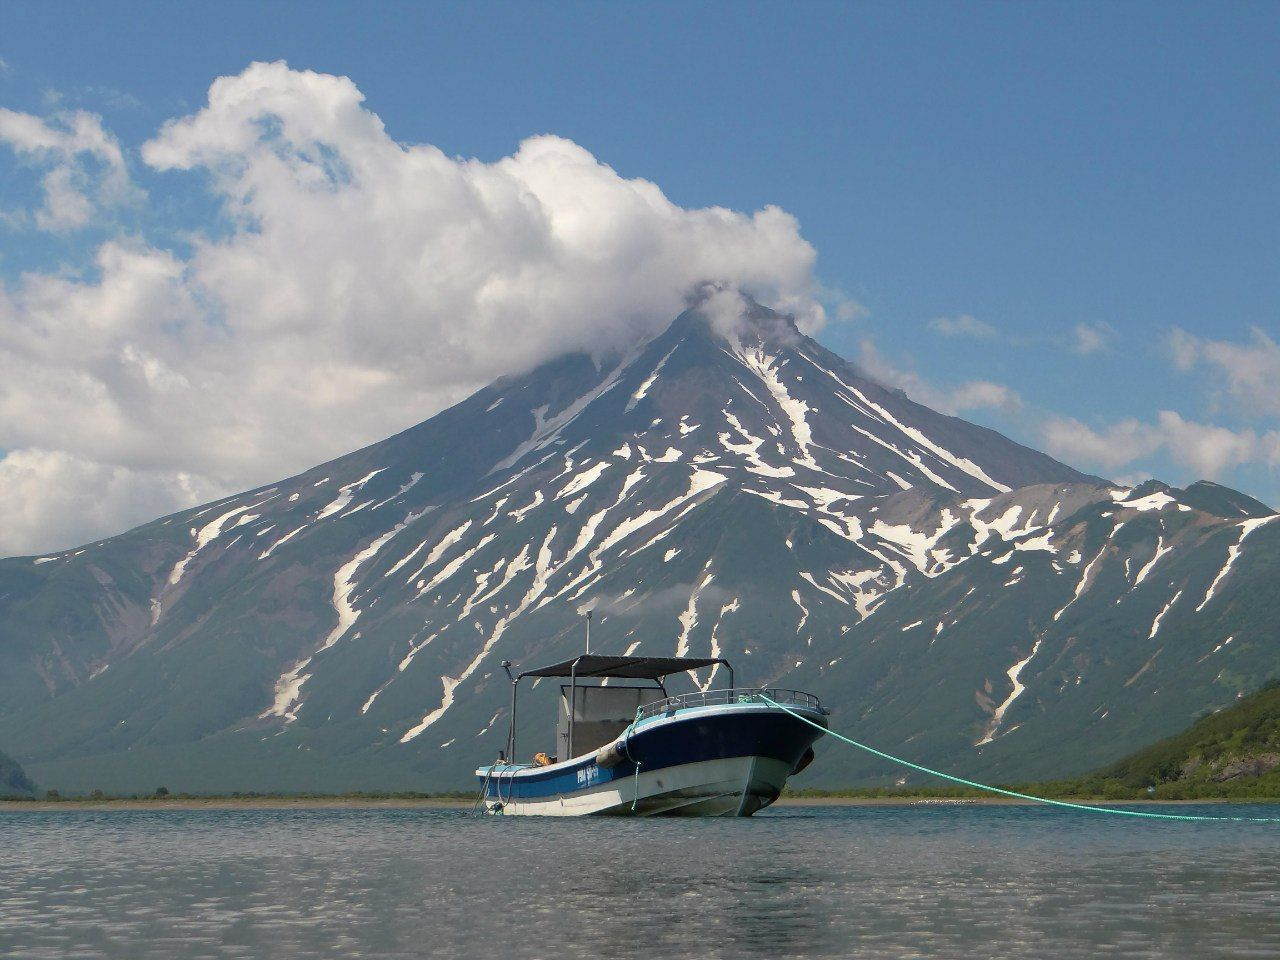 Вилючинский вулкан и Вилючинская бухта © Фото Андрея Калинова